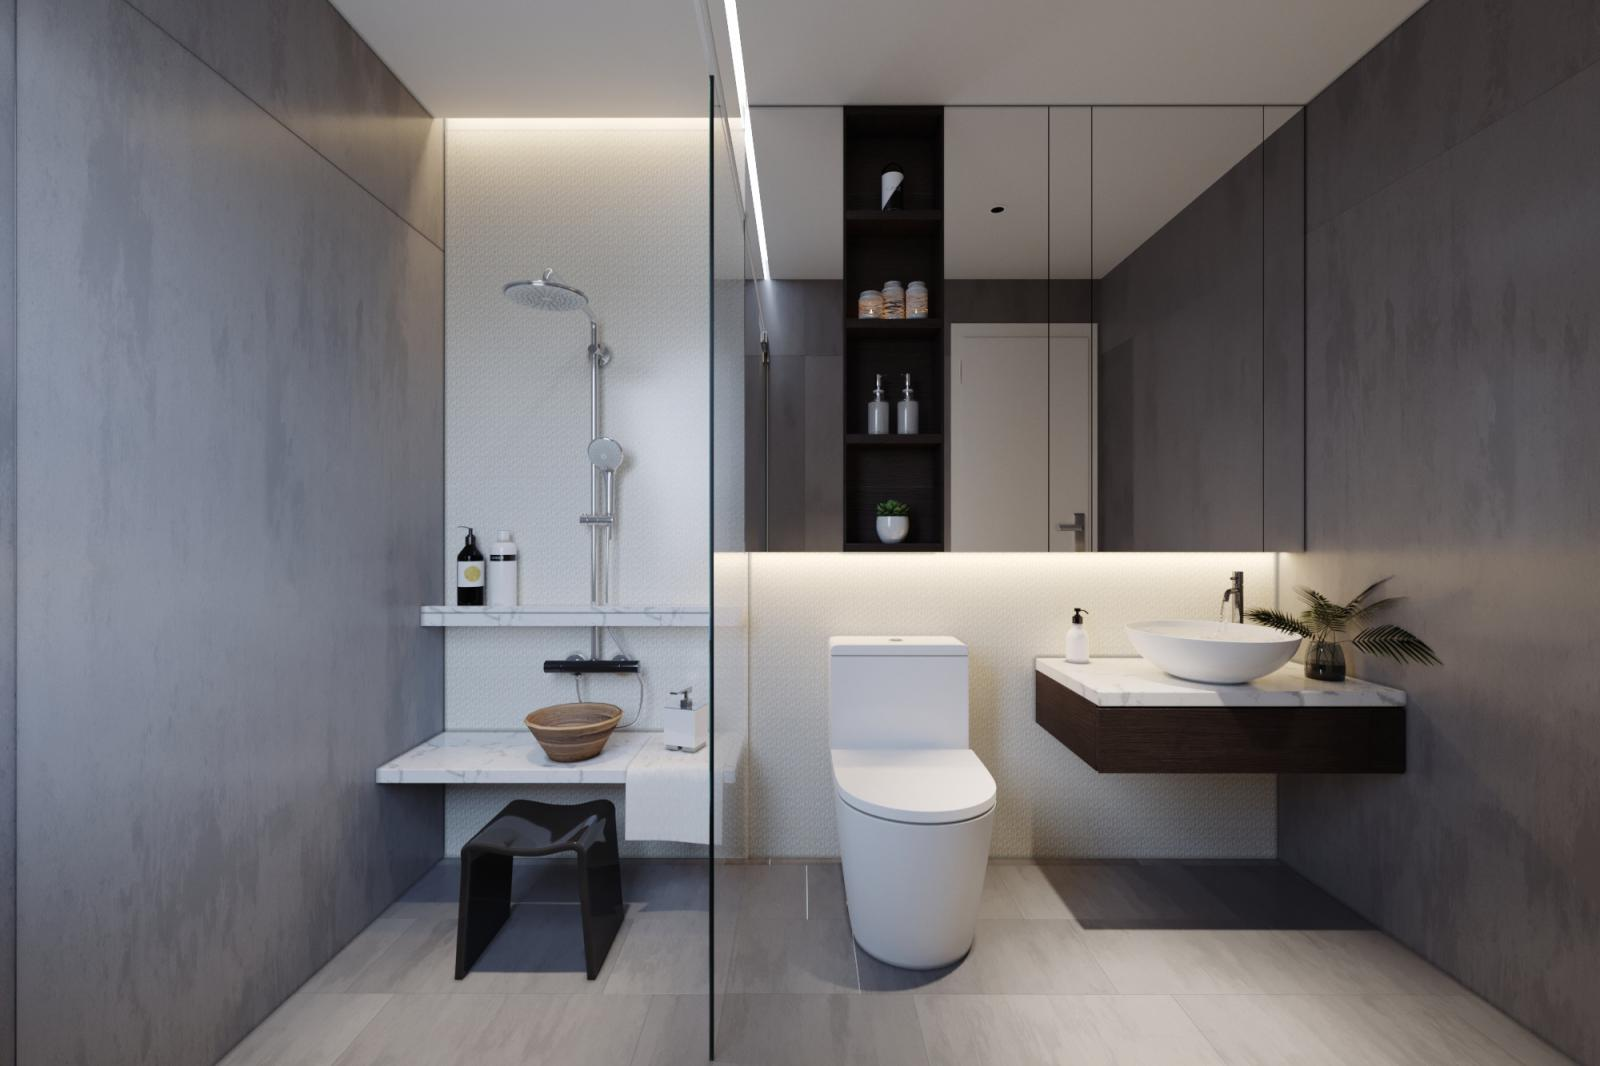 Trong nhà vườn 1 tầng, phòng tắm - vệ sinh được tách làm 2 khu vực bởi vách kính trong suốt, vừa đảm bảo sự khô thoáng, vừa riêng tư thiết yếu.